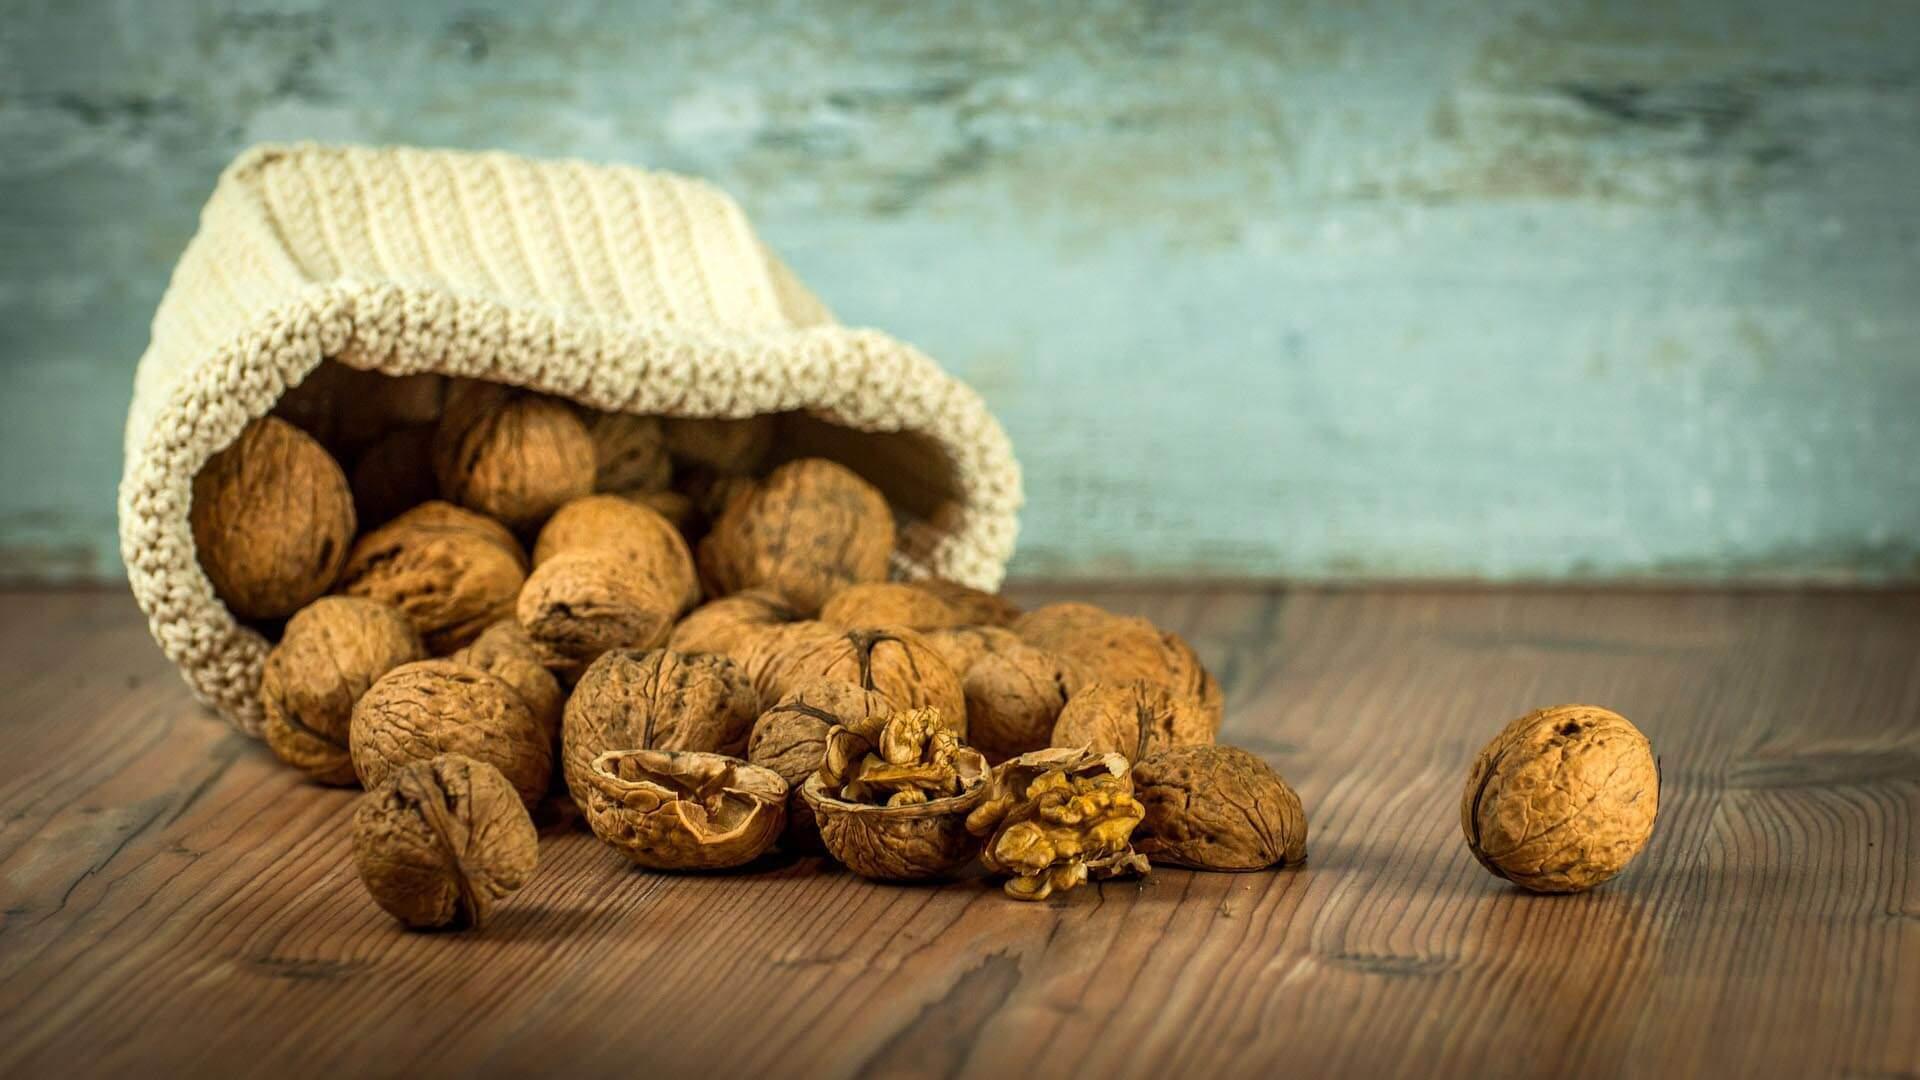 Best Omega-3 Foods Walnuts